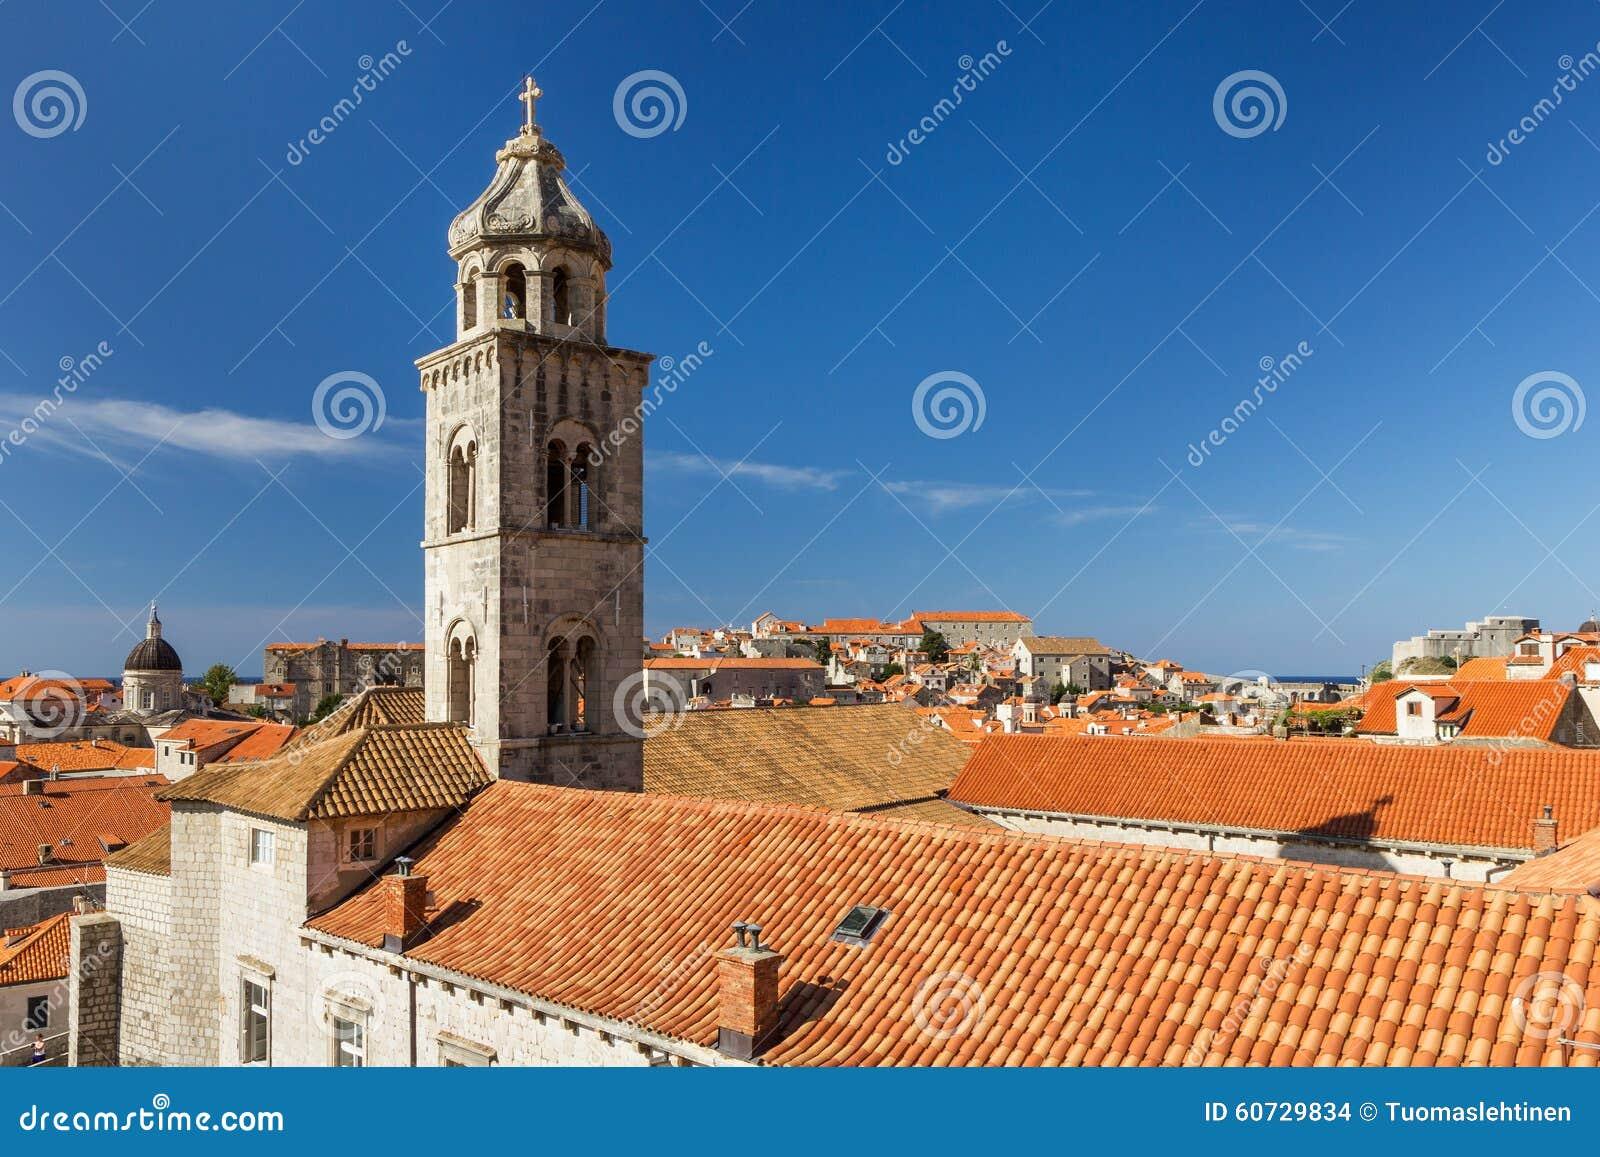 Il campanile del monastero domenicano in Ragusa